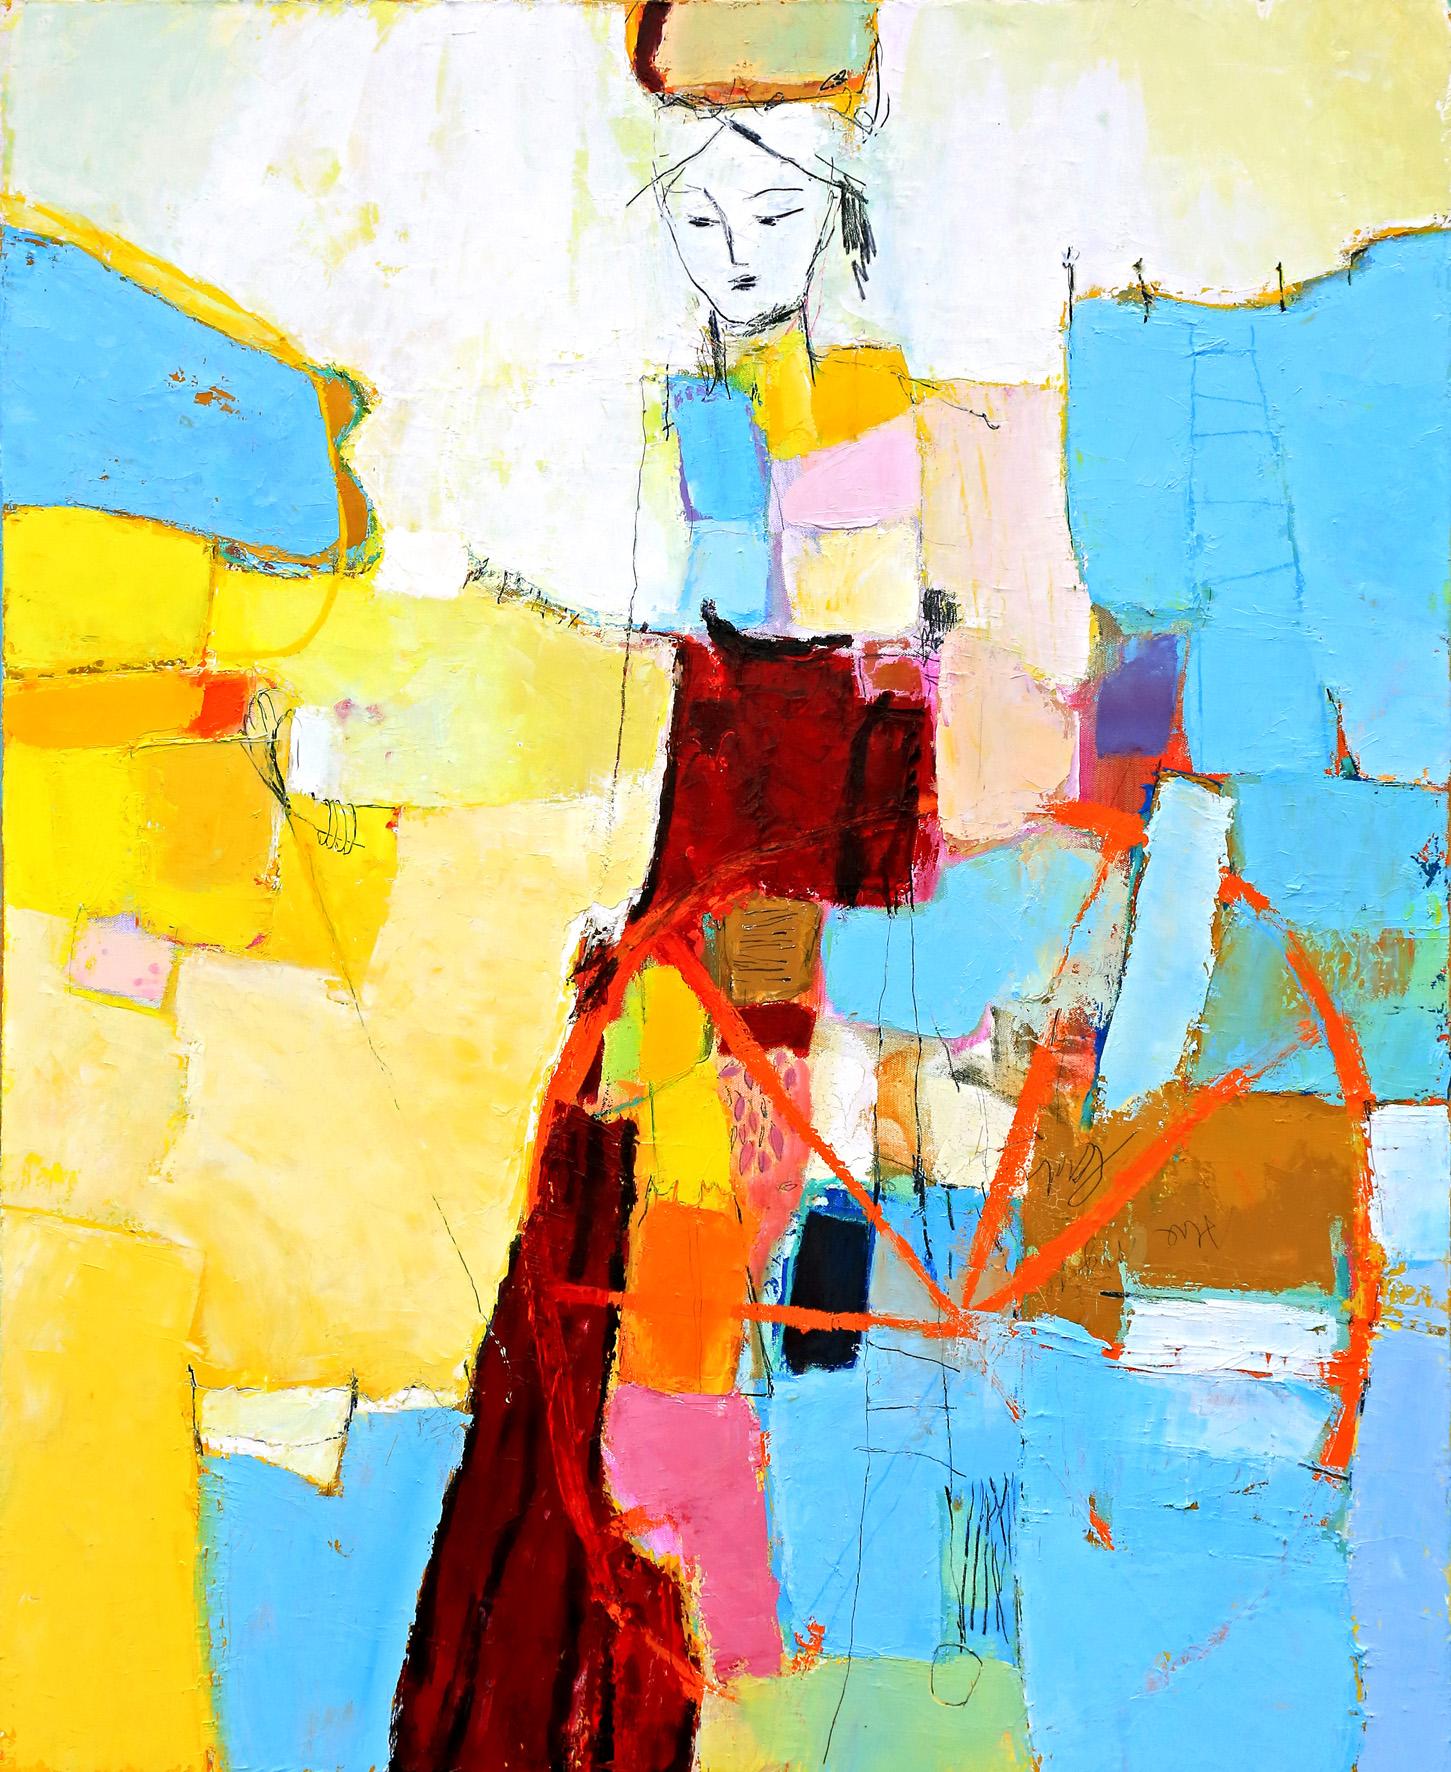 _,190 x 110, Öl auf Maltuch, 2016